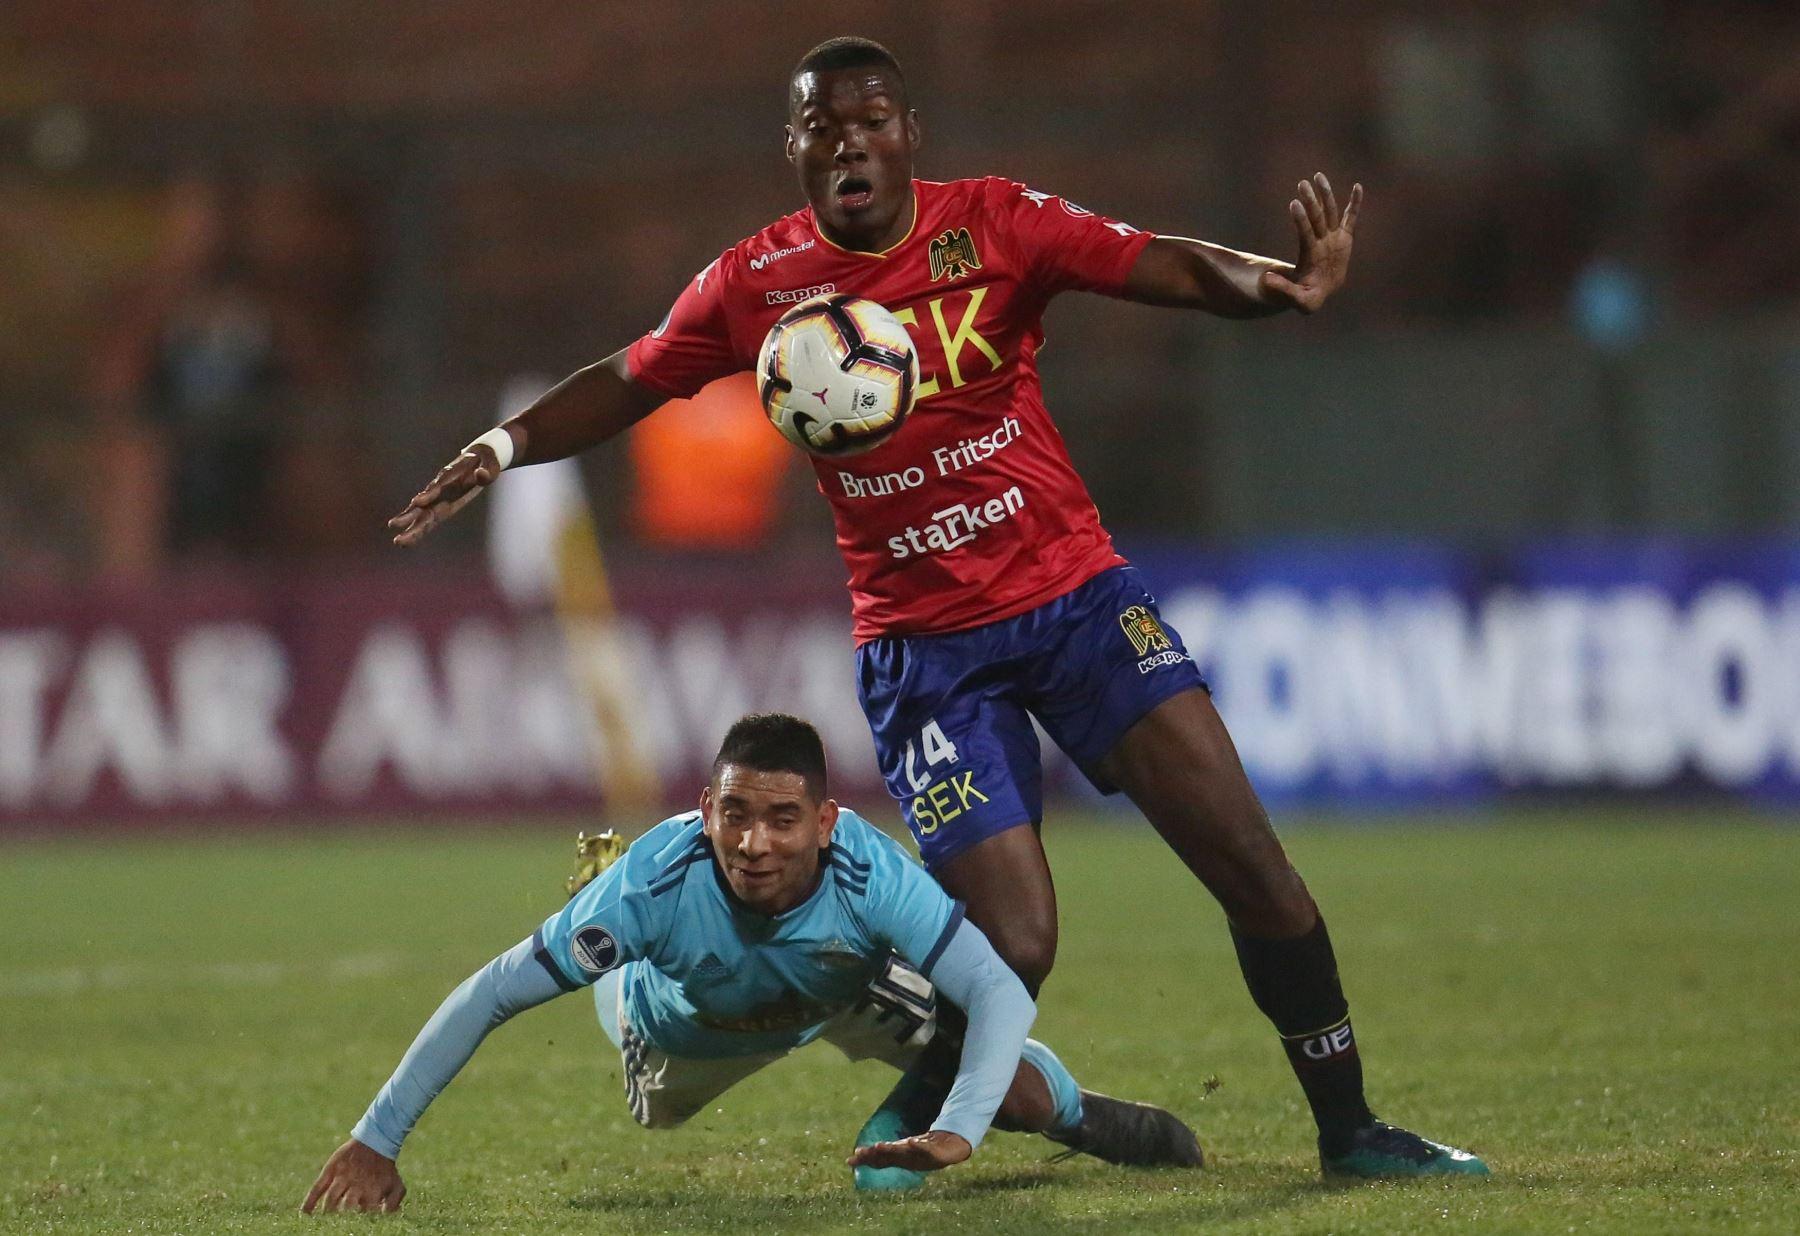 Exequiel Palomeque (d) de Unión Española disputa el balón con Cristian Palacios (i) de Sporting Cristal durante un partido de fútbol de la Copa Sudamericana 2019. Foto:EFE